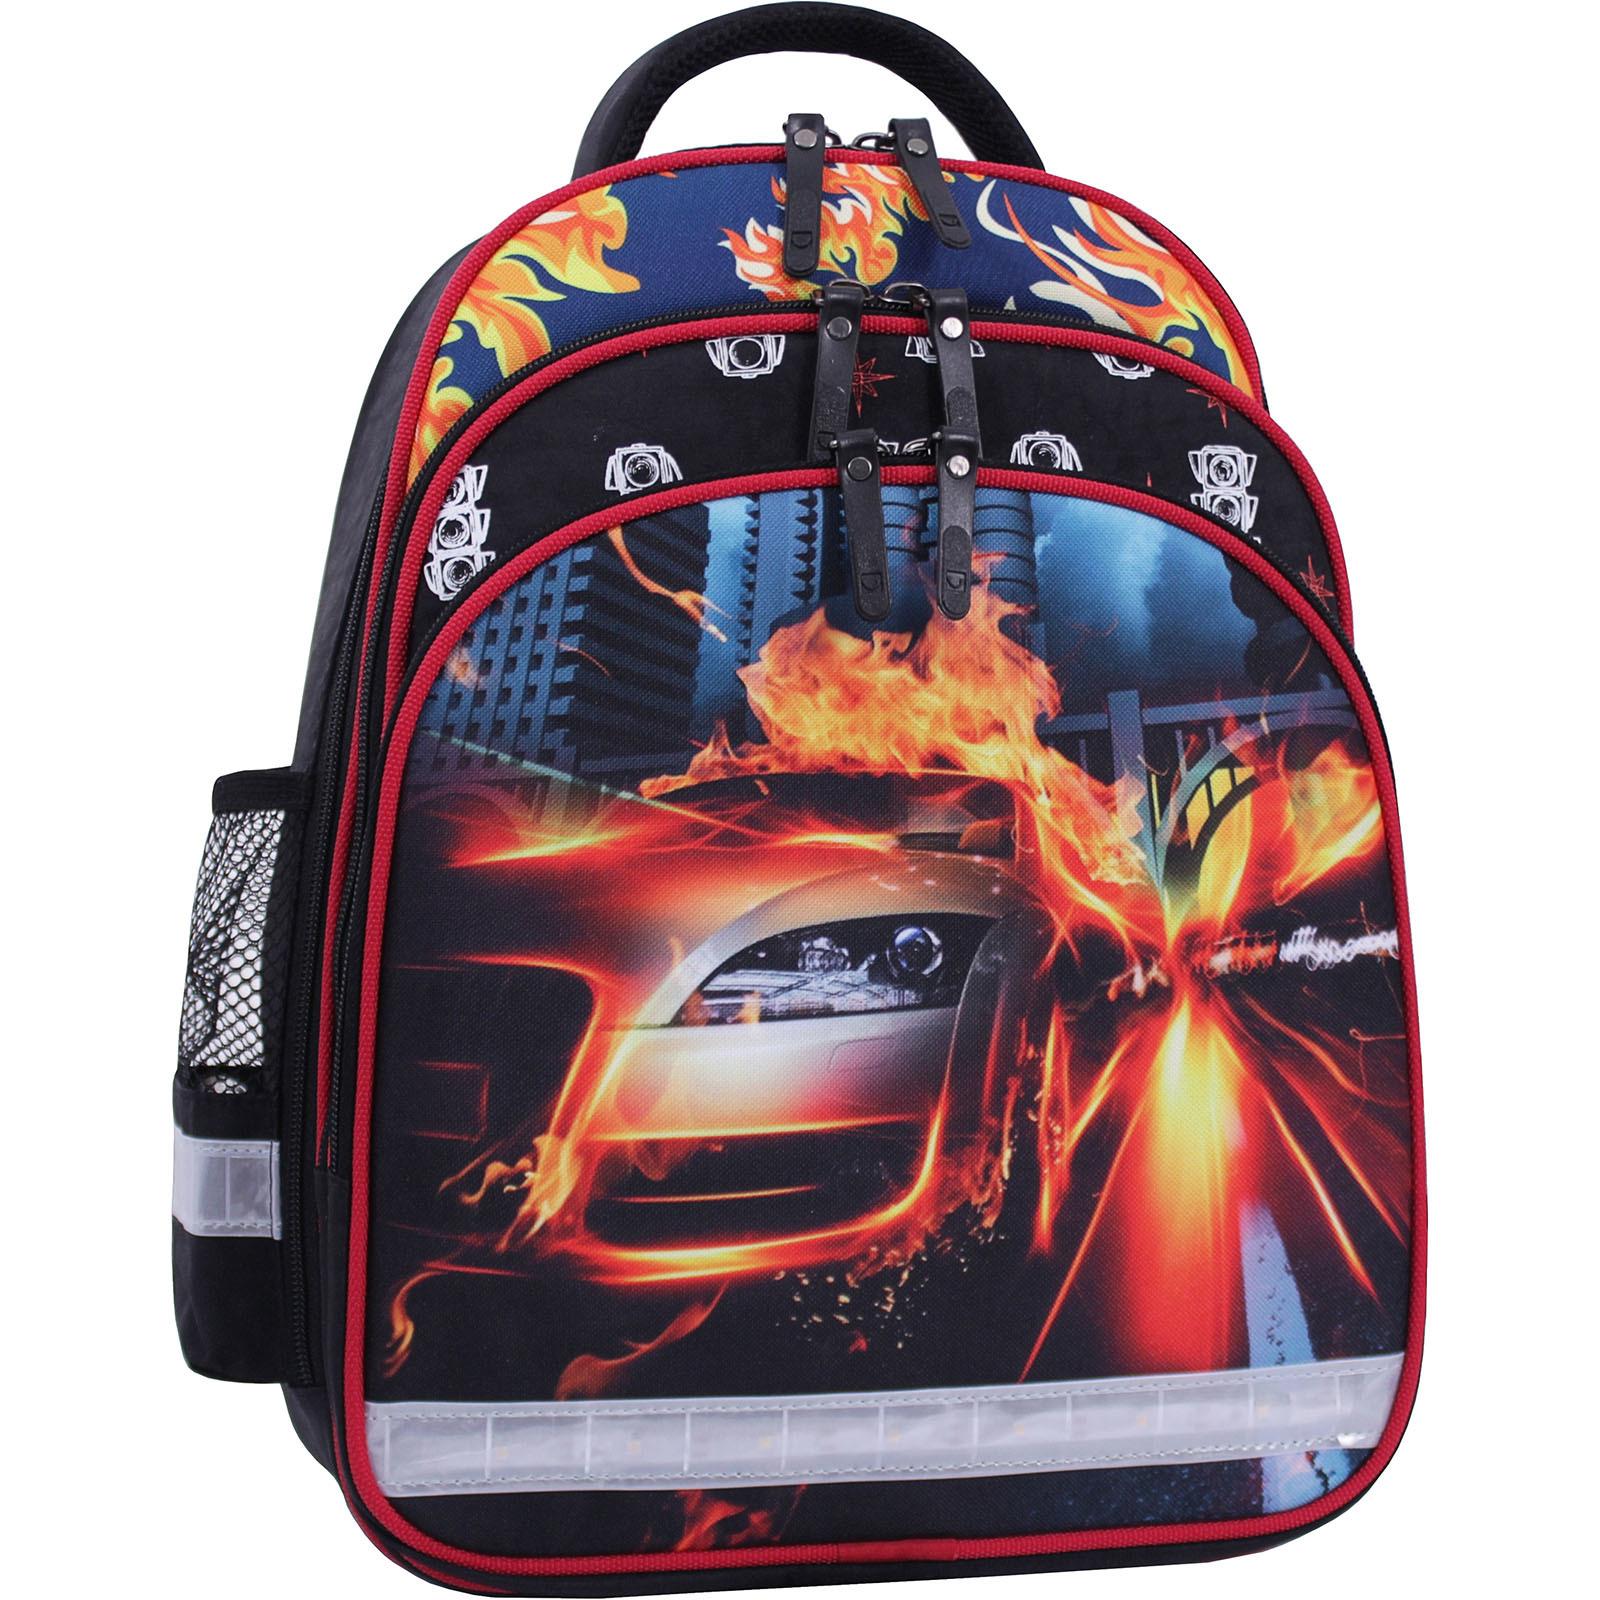 Рюкзак школьный Bagland Mouse черный 500 (0051370) фото 1